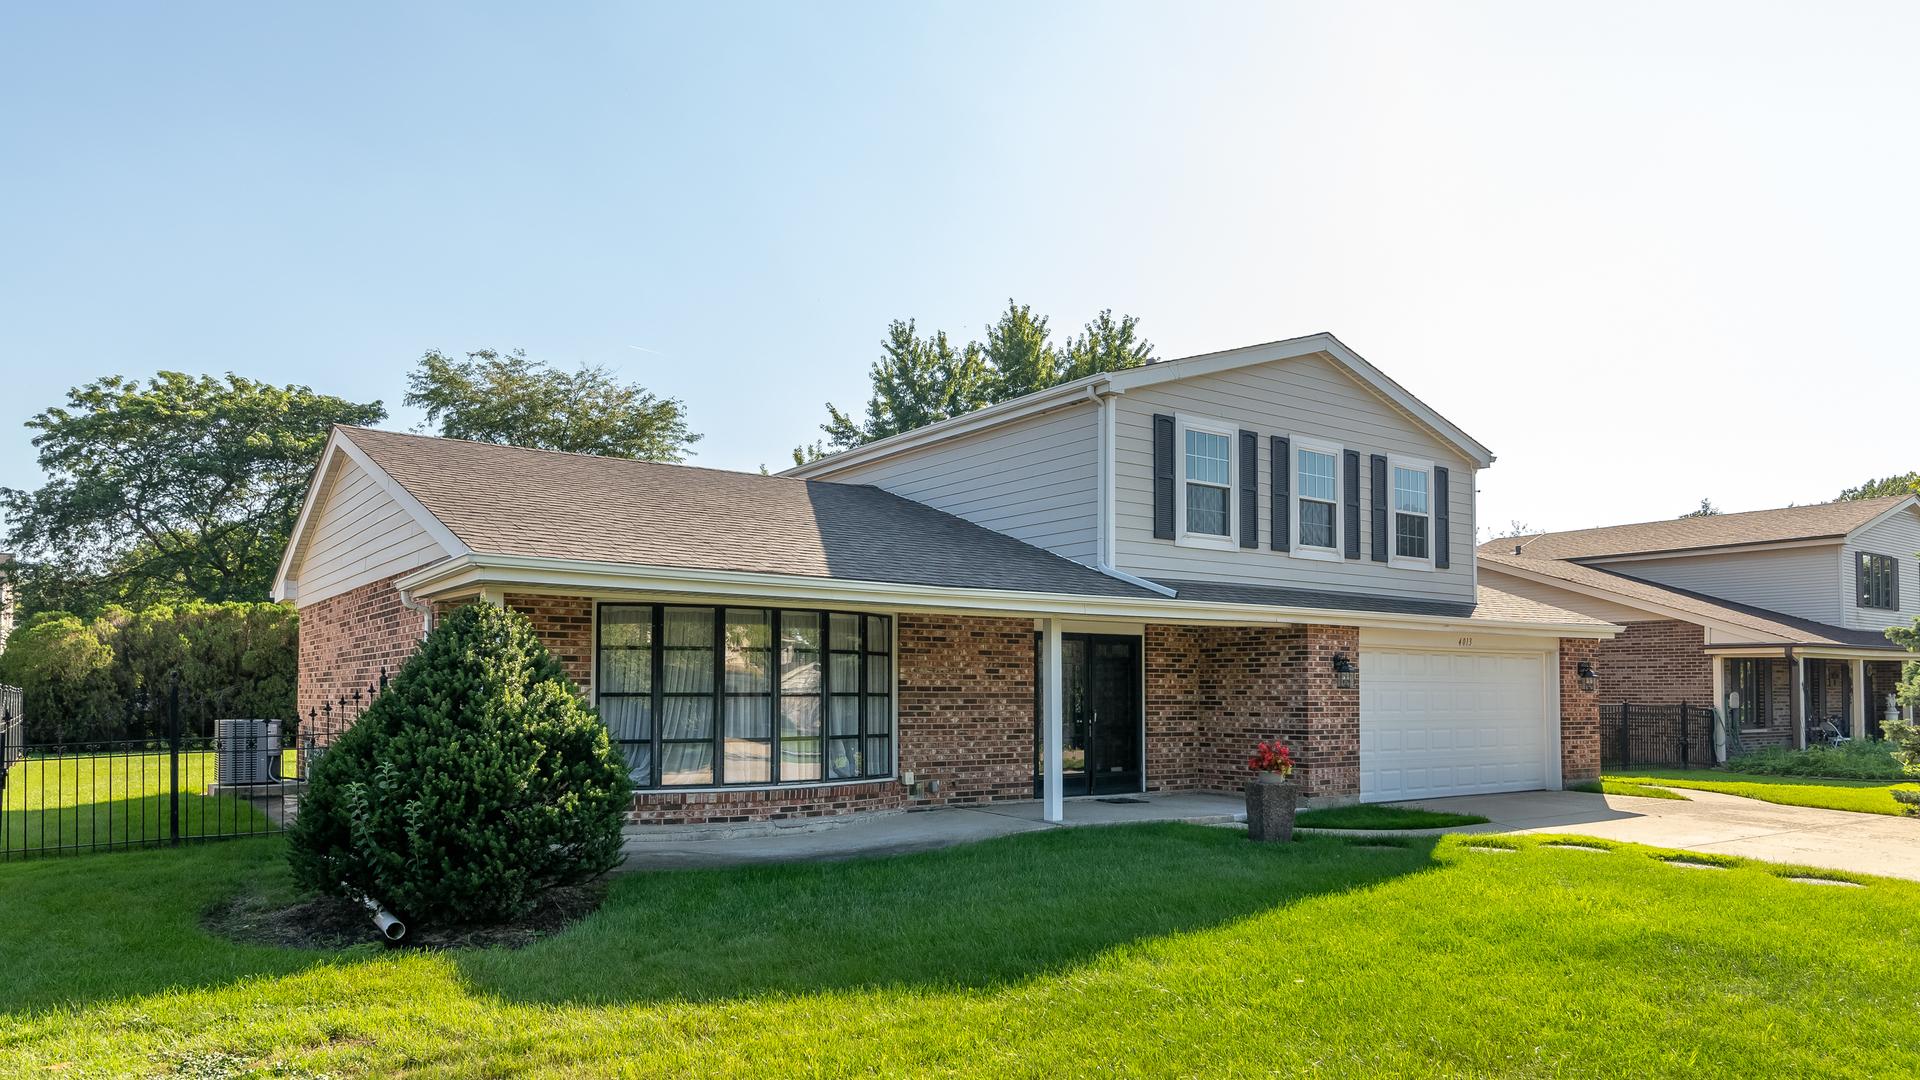 4013 MILLER, Glenview, Illinois, 60026